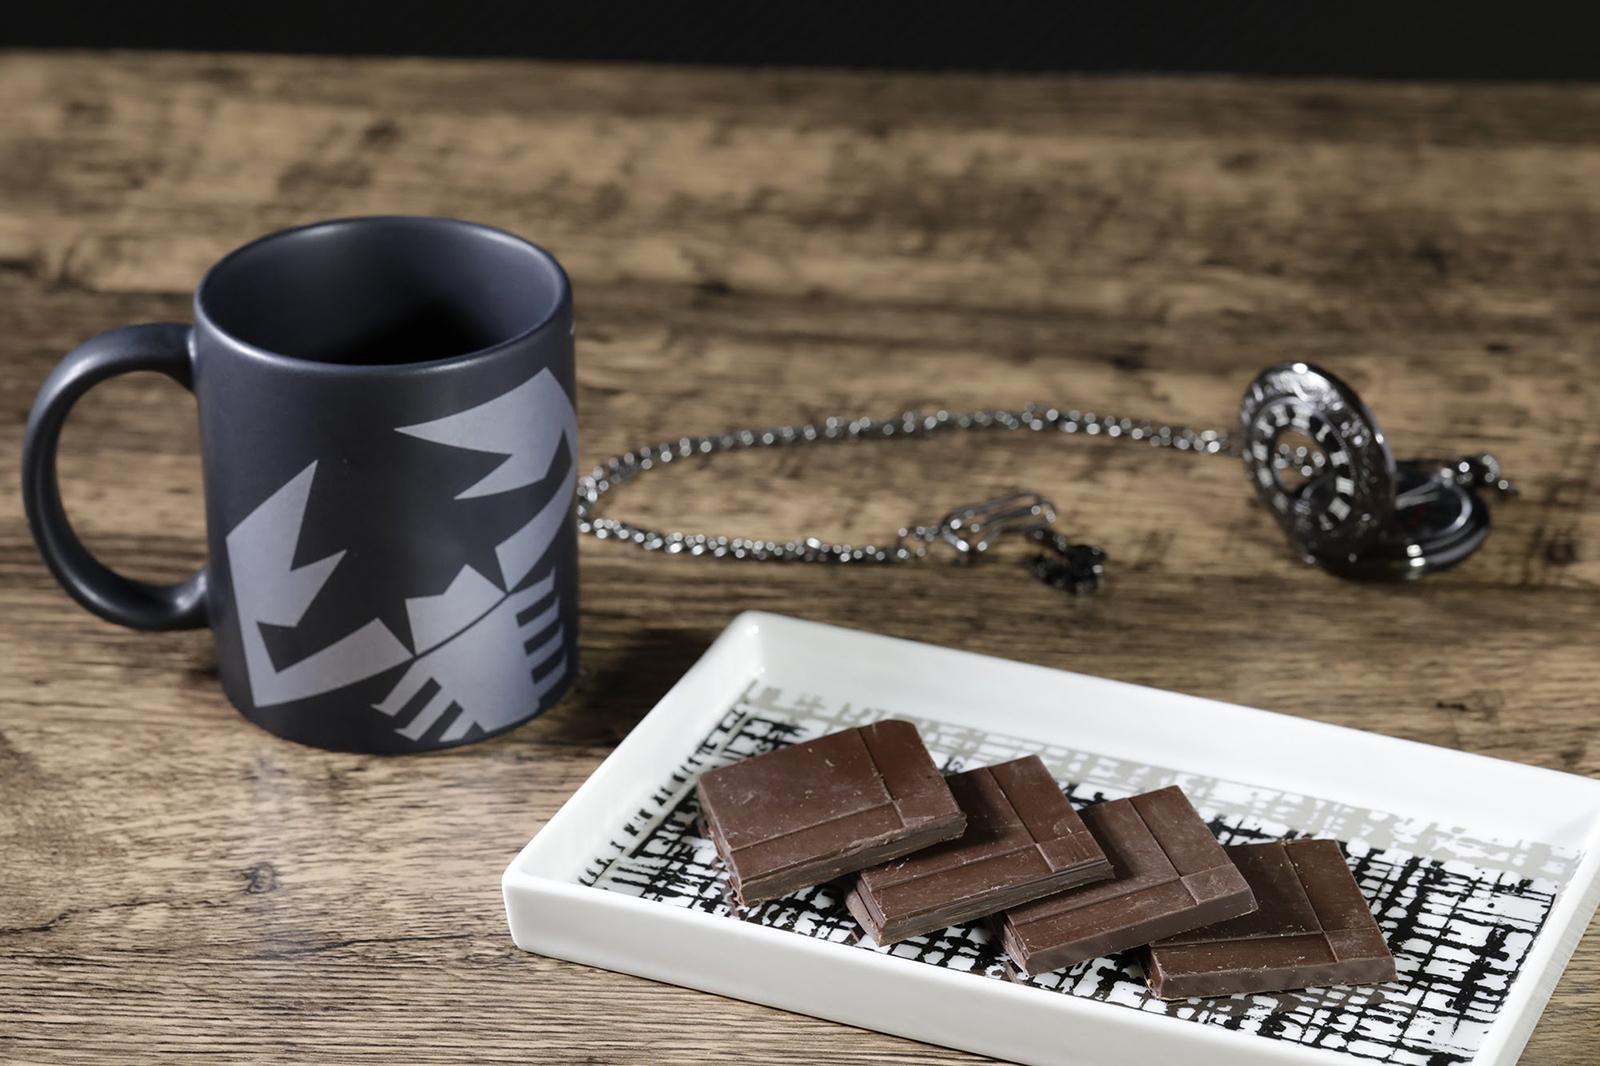 作り手のこだわりが昇華した気鋭のチョコレートブランド「DOMORI(ドモーリ)」